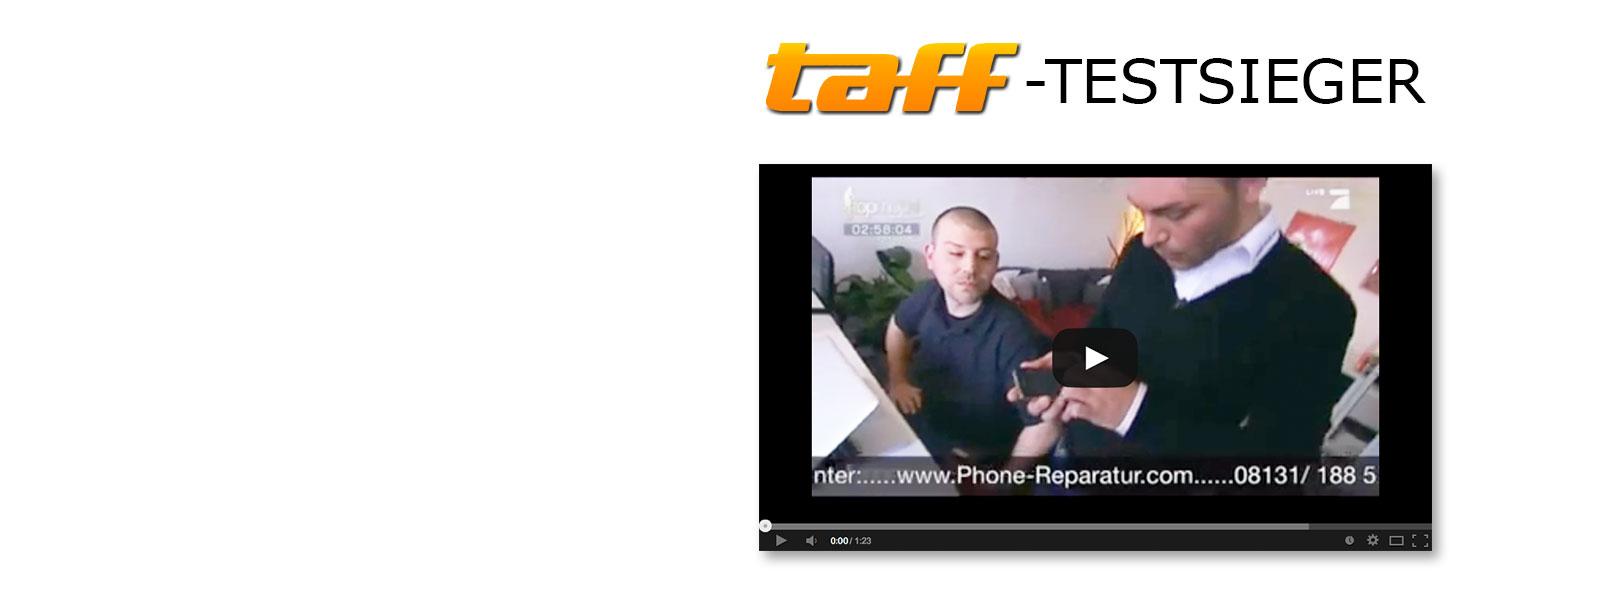 iphone smartphone ipad reparaturservice in 20 min seit 2009 in karlsfeld testsieger der. Black Bedroom Furniture Sets. Home Design Ideas